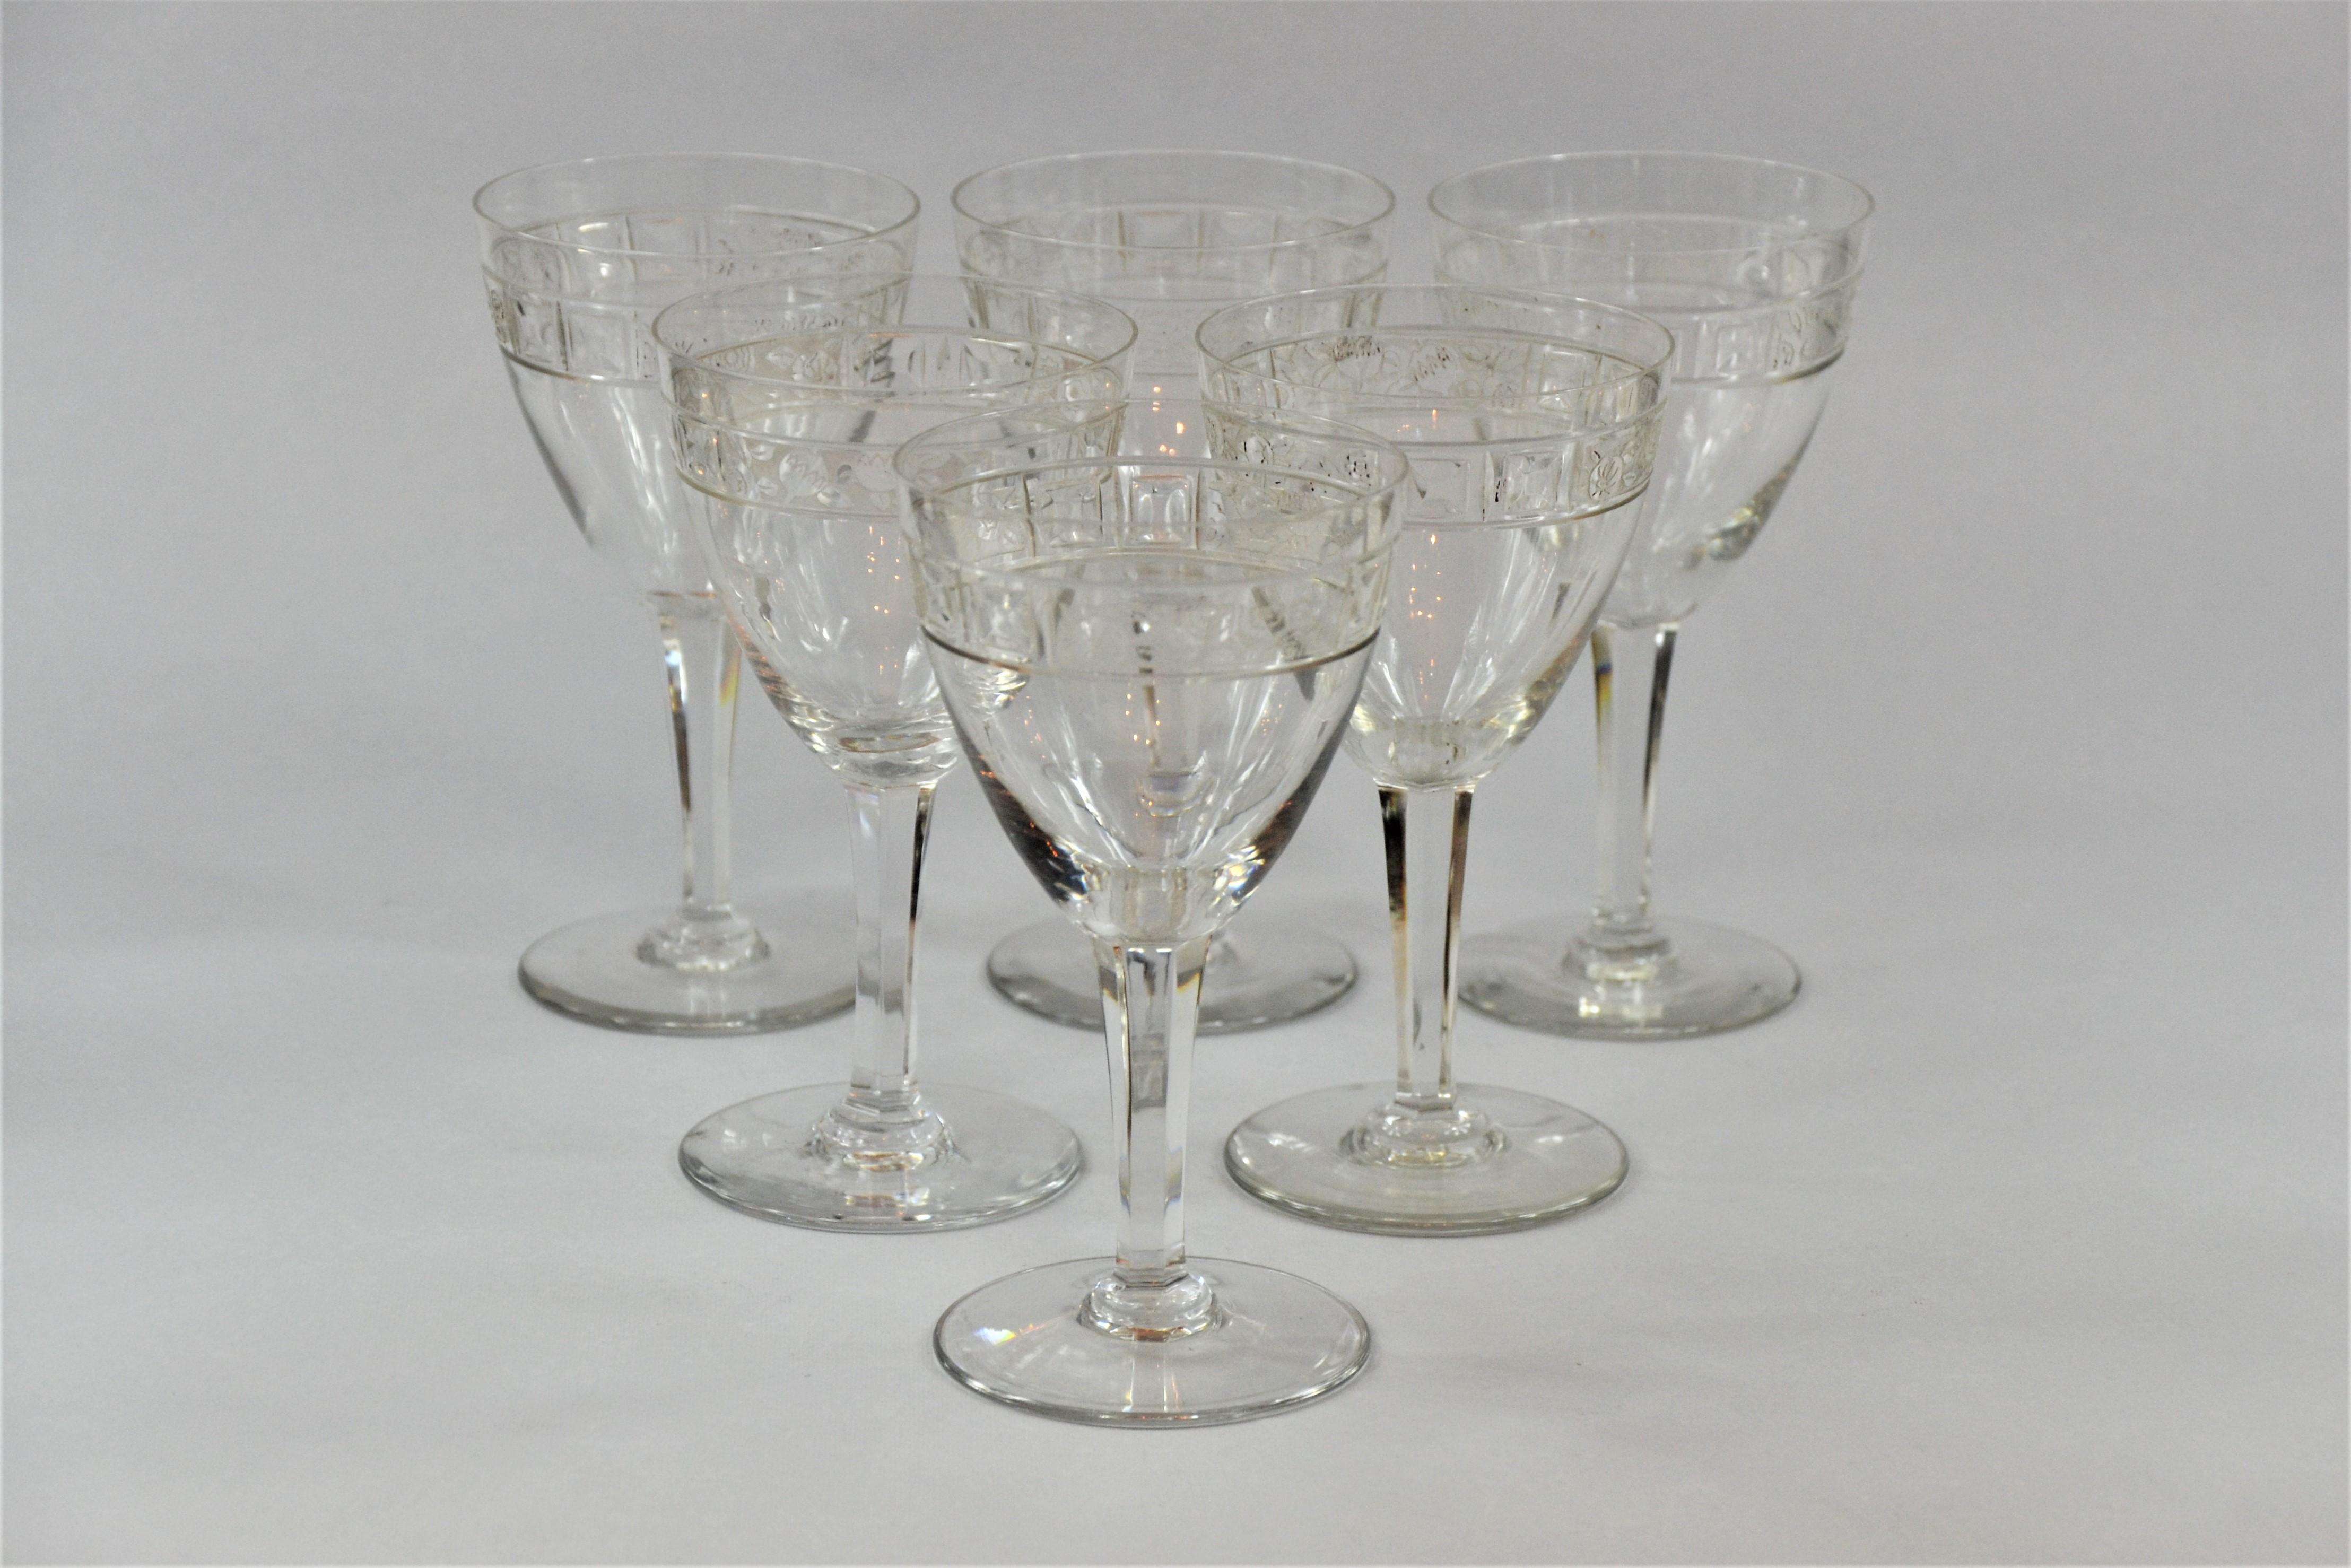 Komplet 6 kieliszków, Francja, ok. 1930 r., Cristalleries De Nancy